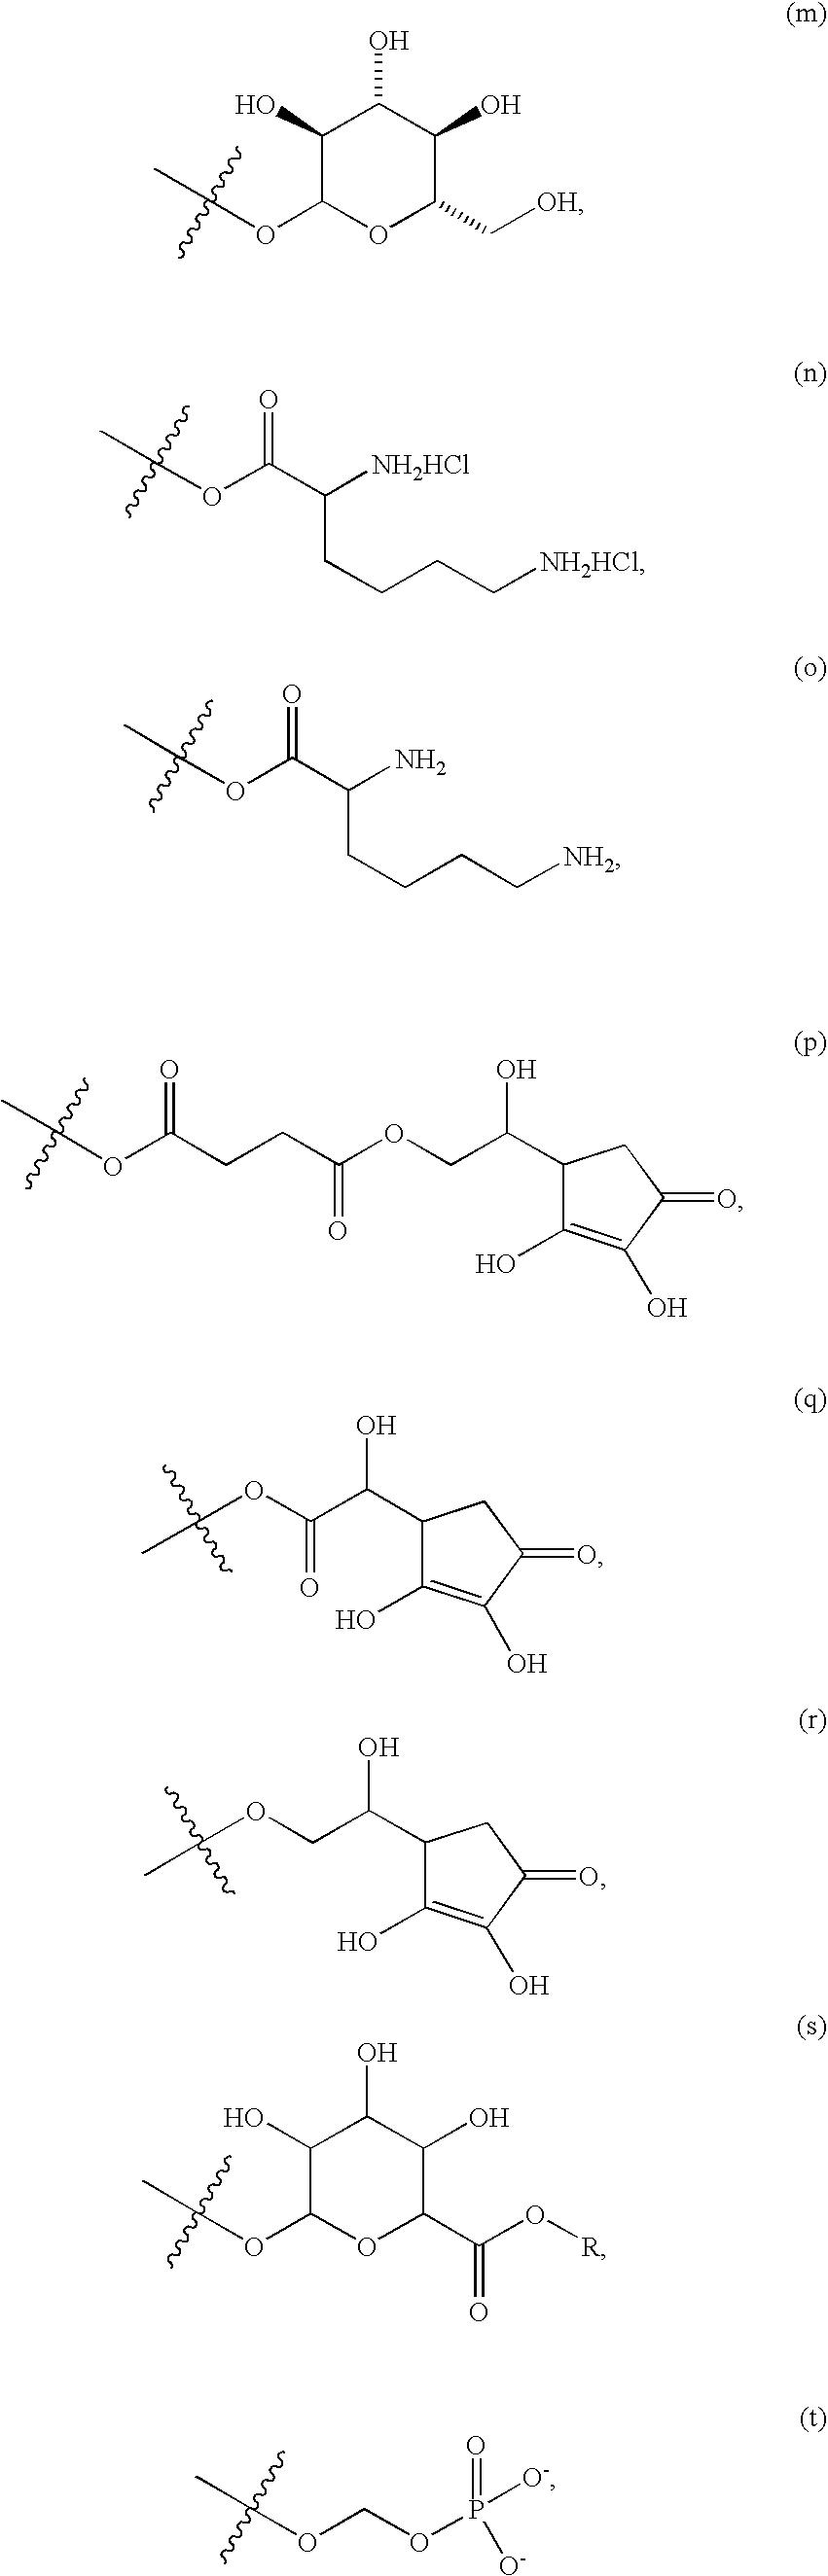 Figure US07145025-20061205-C00006